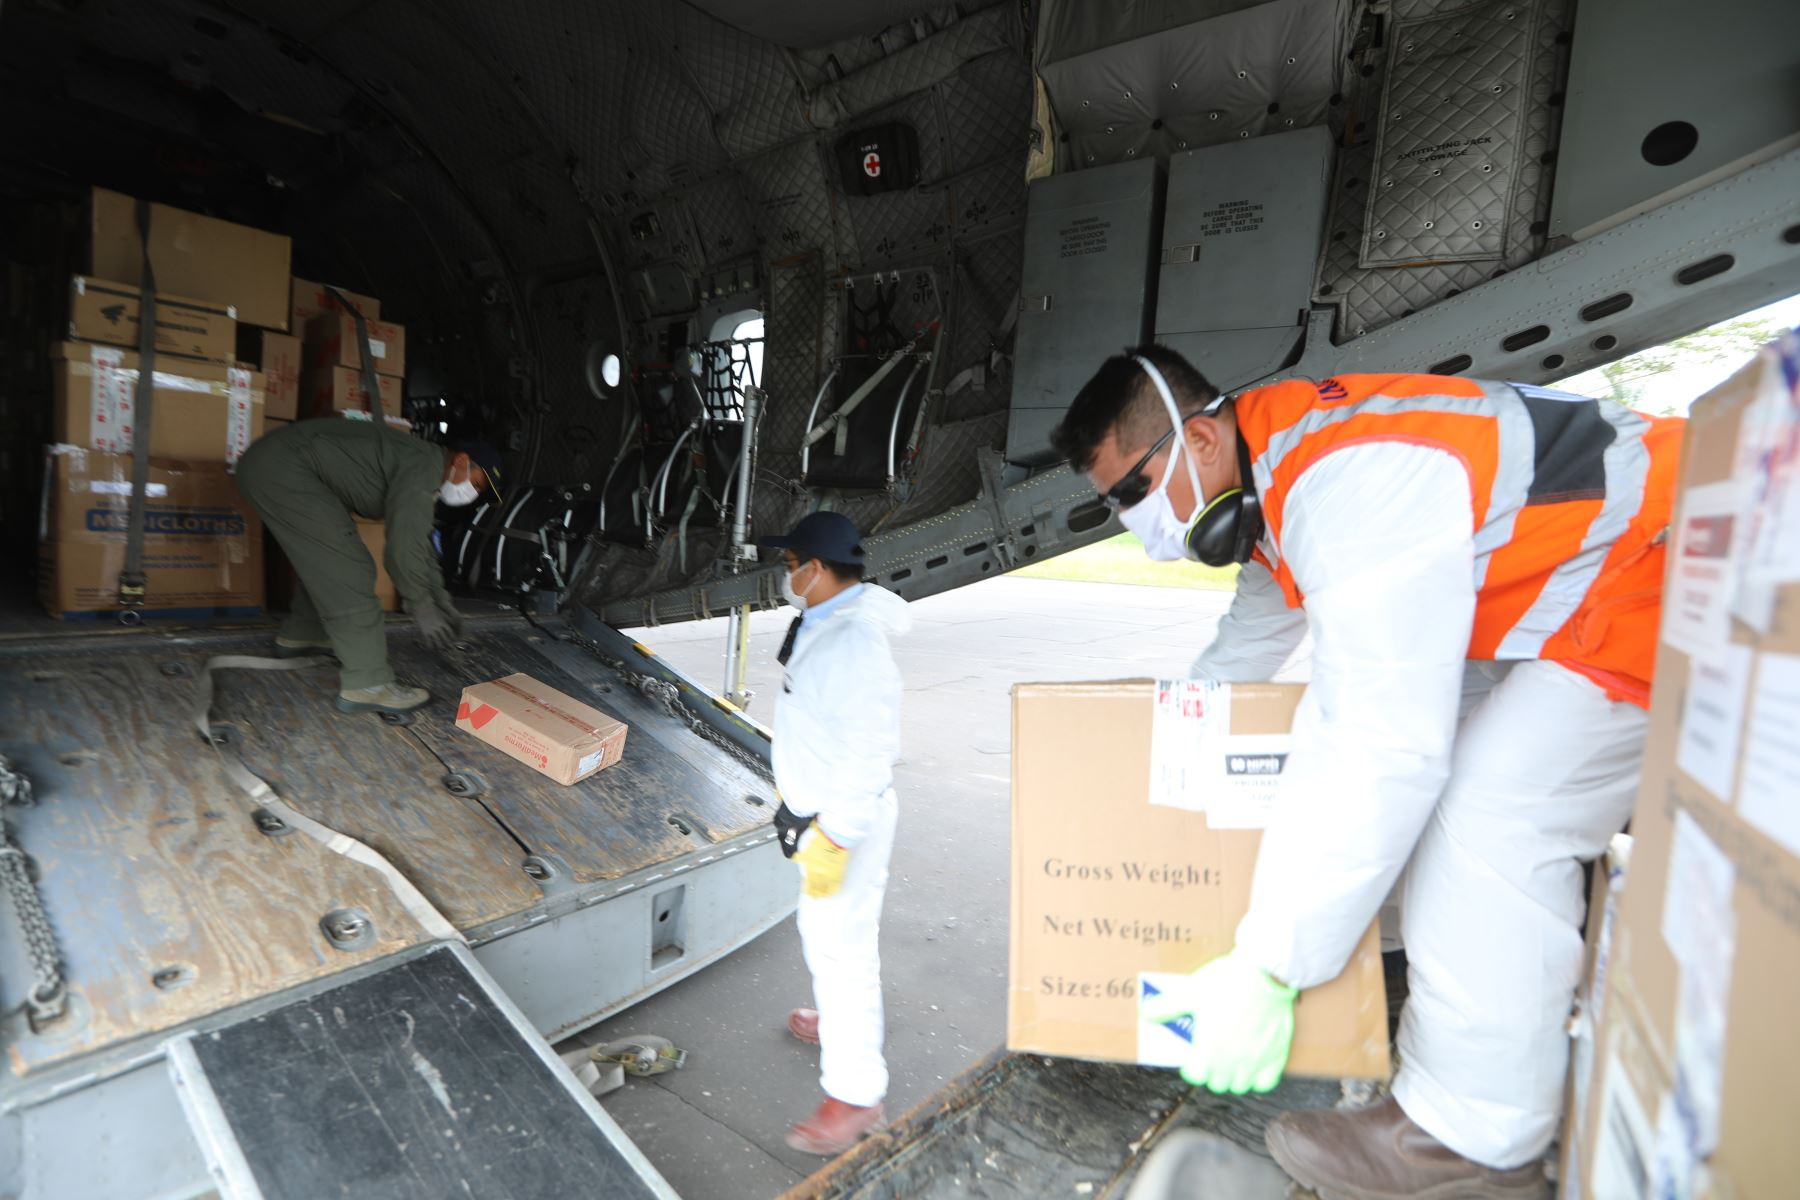 El cargamento de 1,113 kilos constó de un total de 26,350 unidades de equipos de protección personal. Foto: Difusión/Archivo